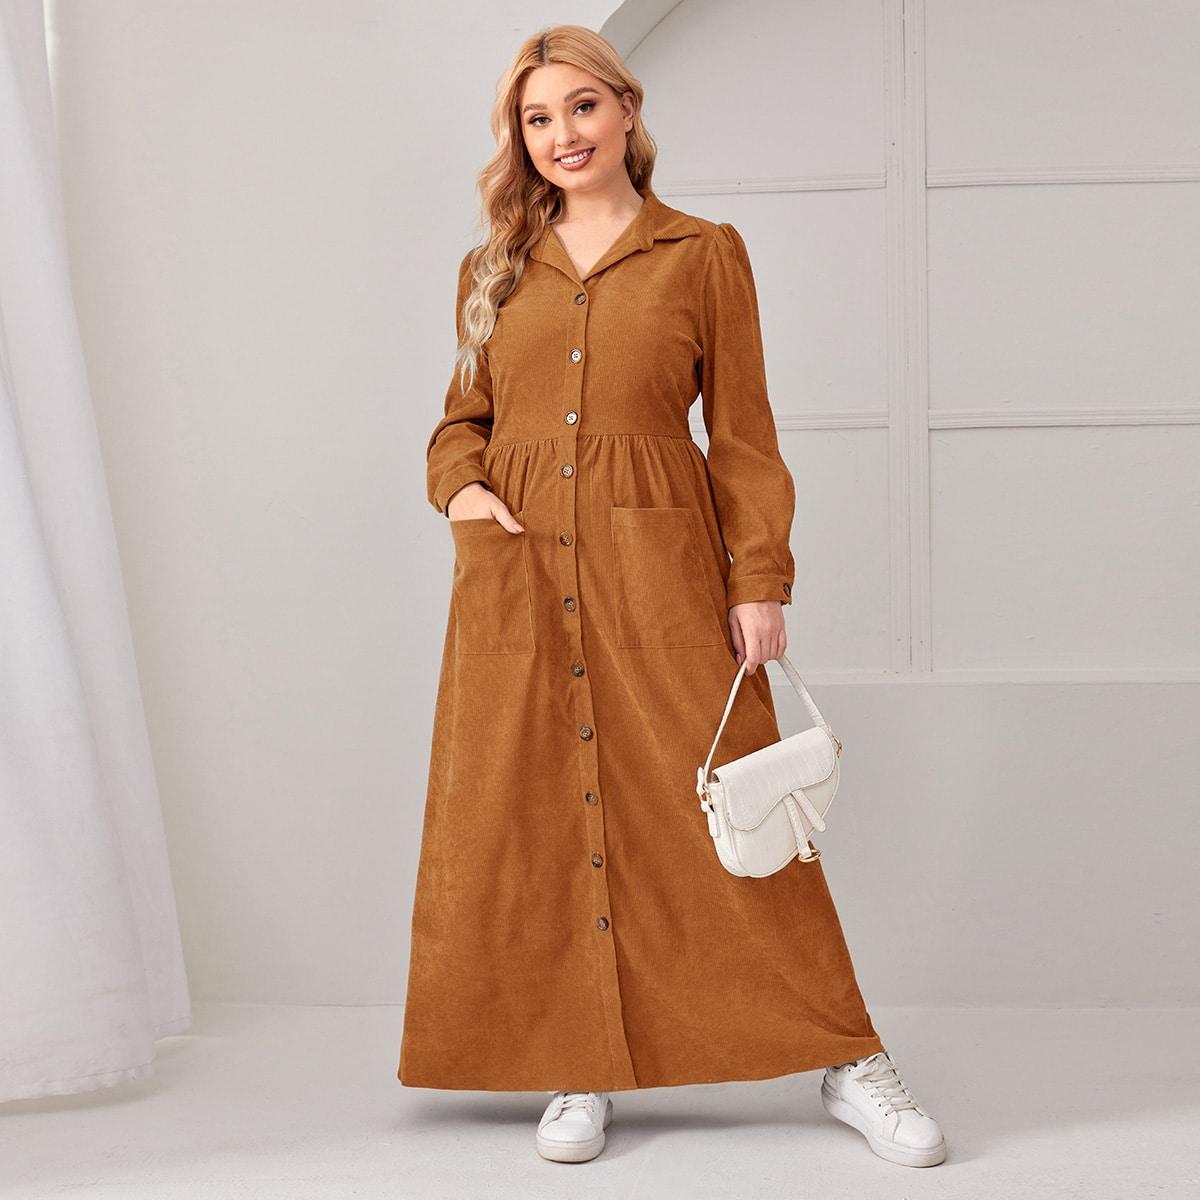 Вельветовое платье-рубашка размера плюс с карманом